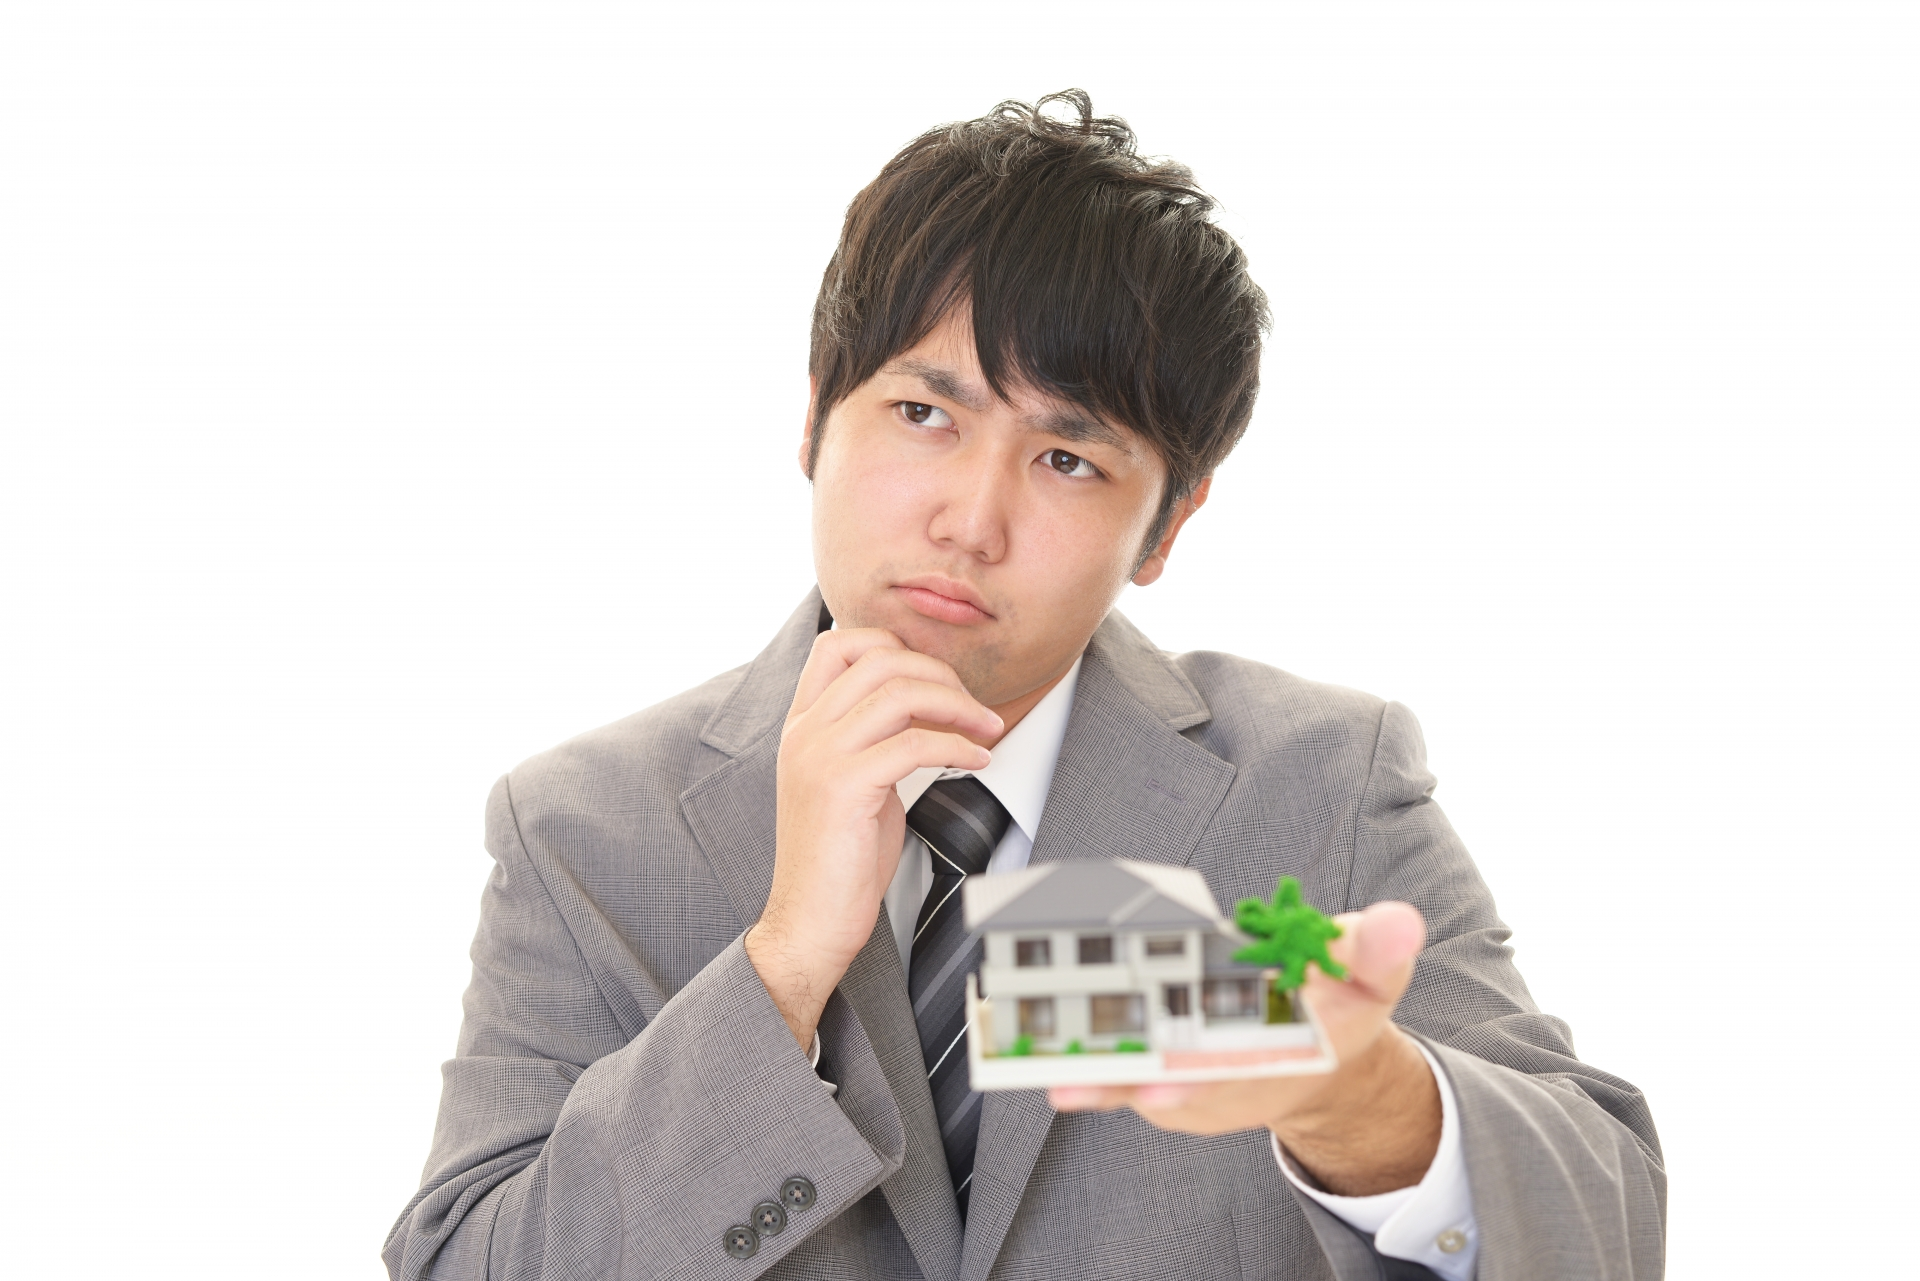 宅建の学習に悩んでいる男性